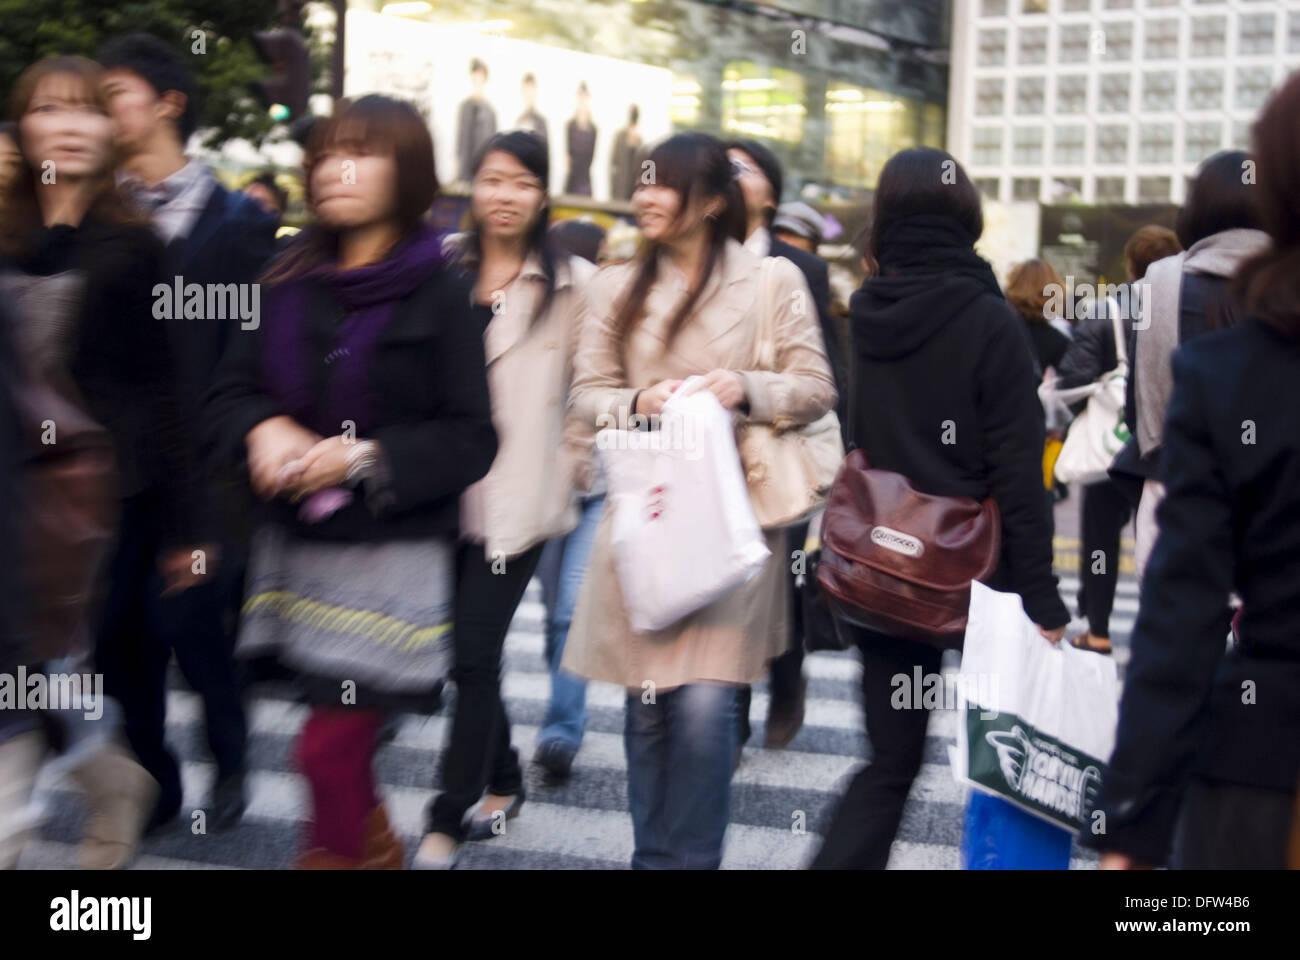 Zebra crossing in Shibuya district, Tokyo, Japan Stock Photo